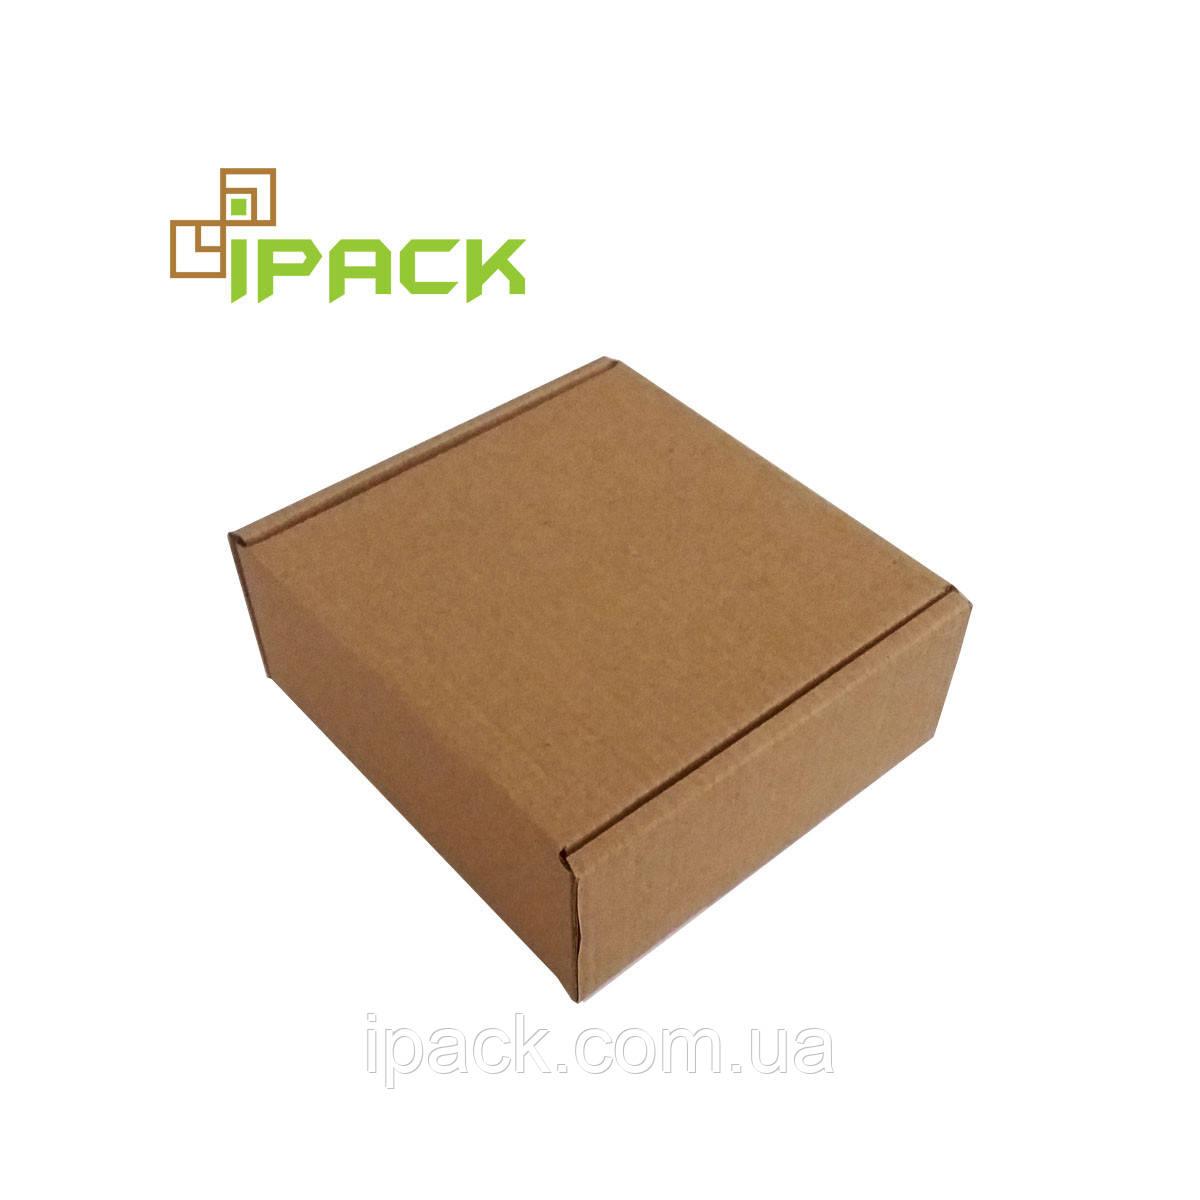 Коробка картонна самозбираюча, 325*235*97, мм, бура, крафт, мікрогофрокартон